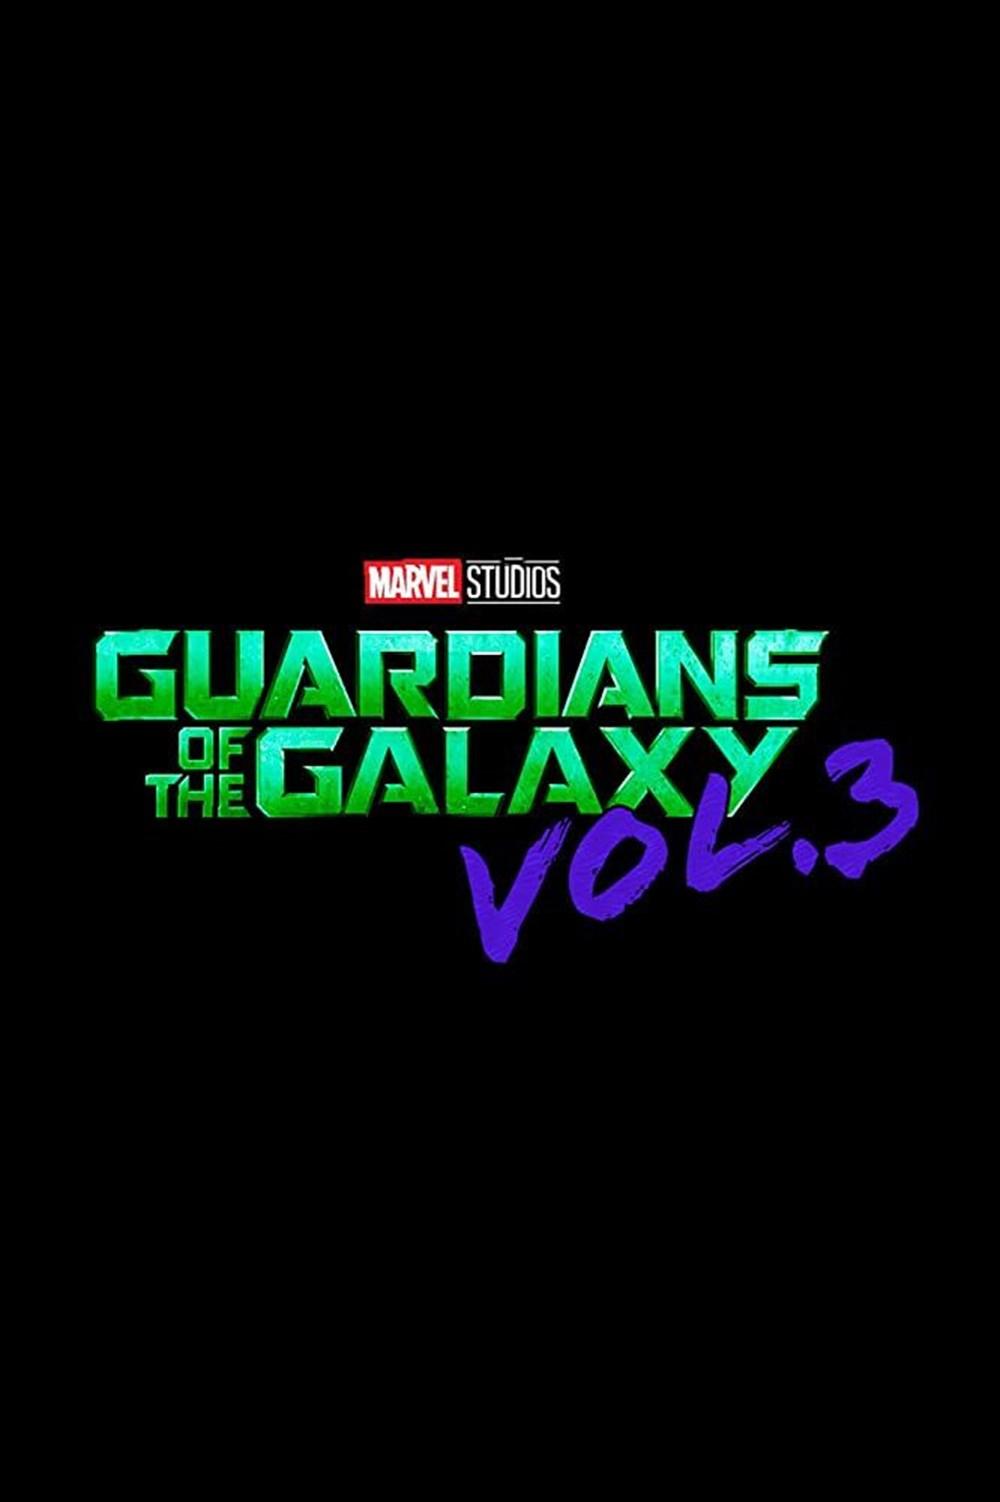 En iyi Marvel filmleri - 4